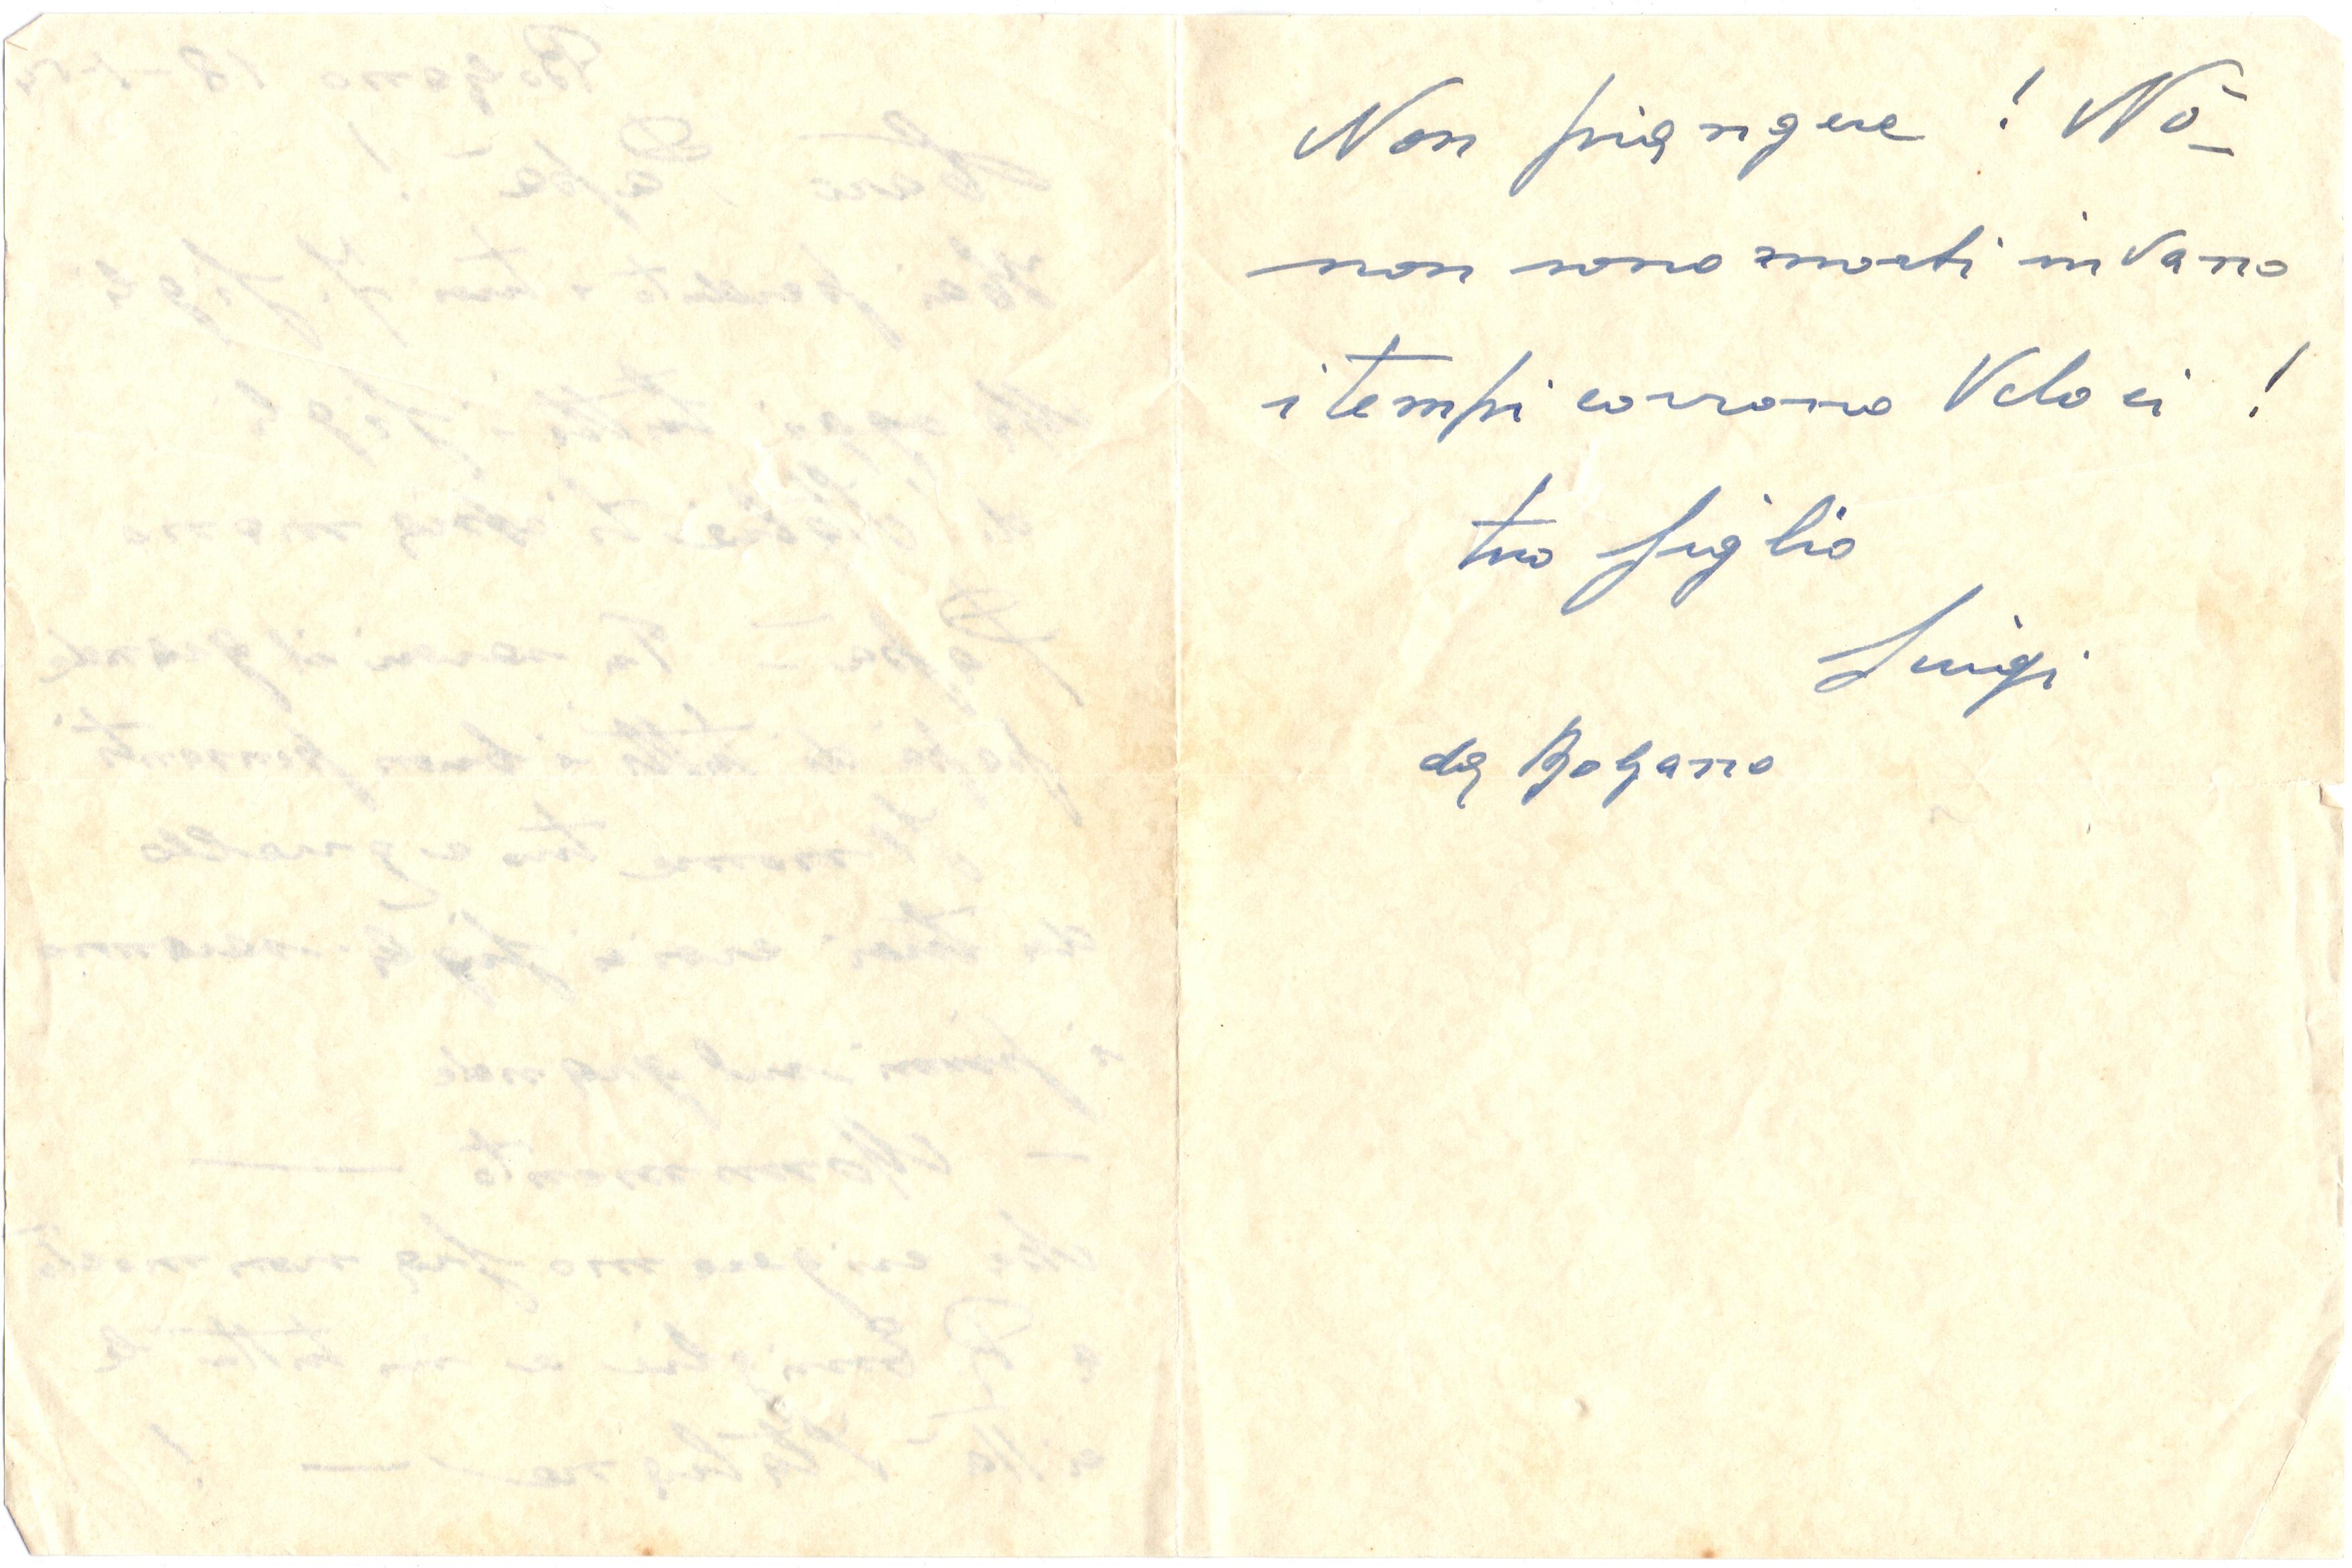 1954.01.18-Bolzano-2